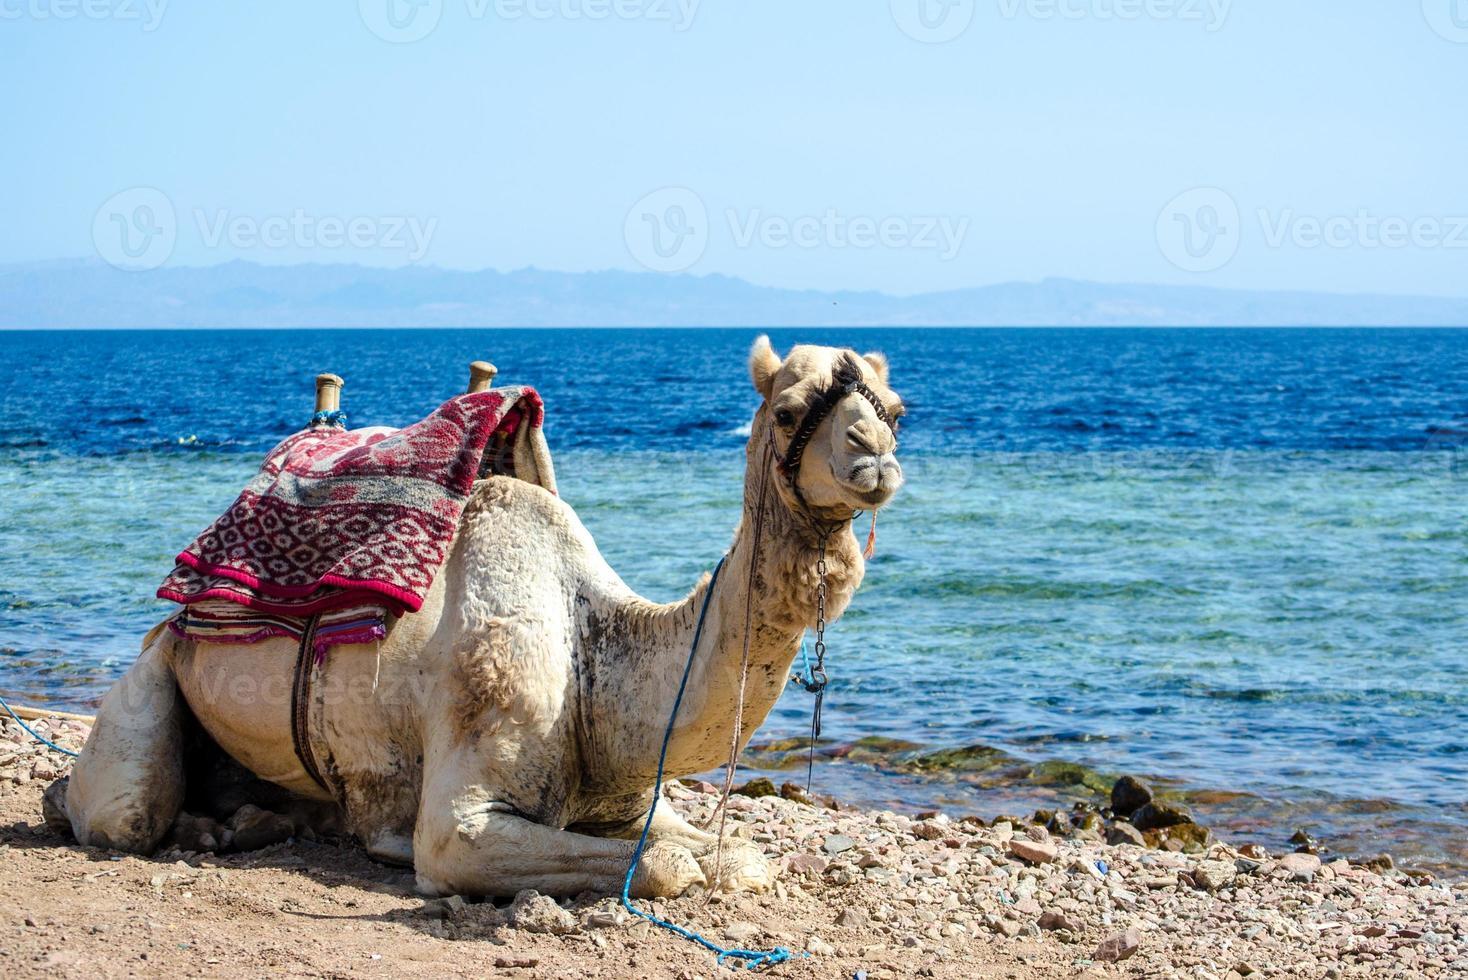 camello por el agua foto